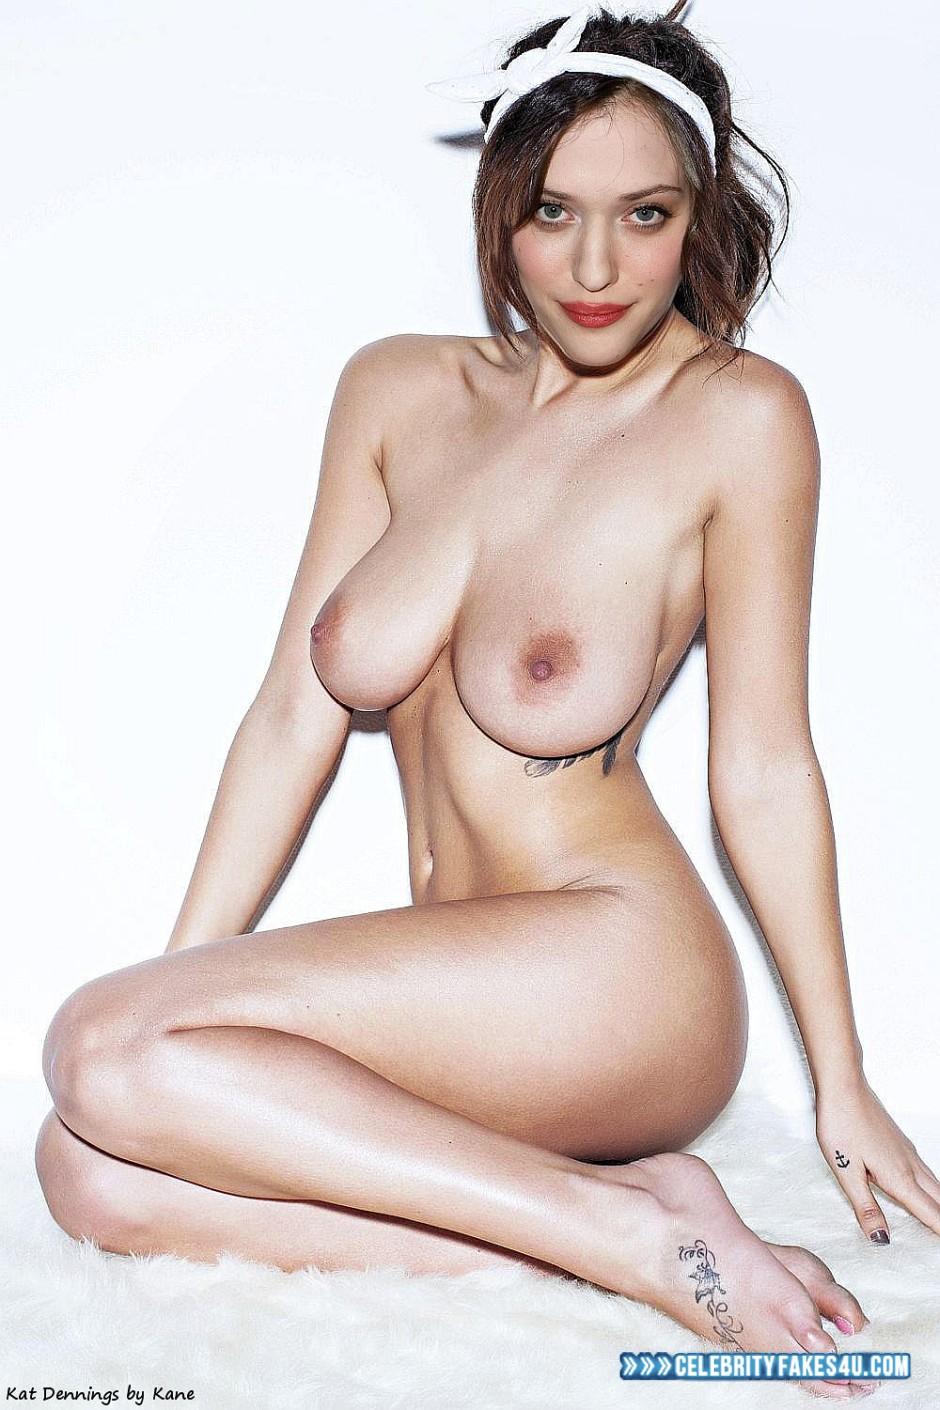 Nackt fotos dennings kat Nude Celebs